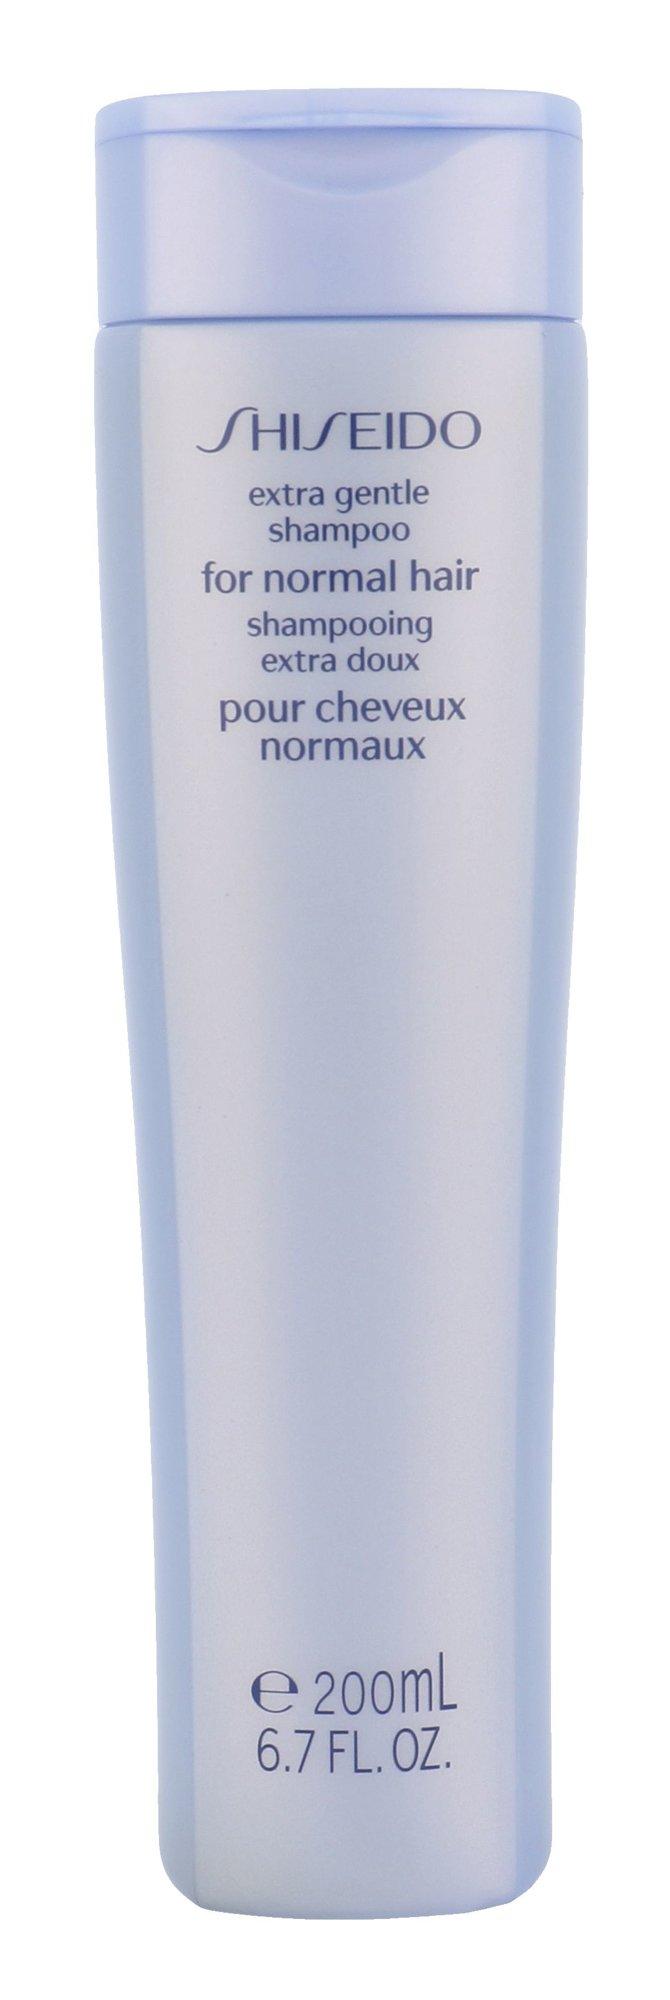 Shiseido Extra Gentle Cosmetic 200ml